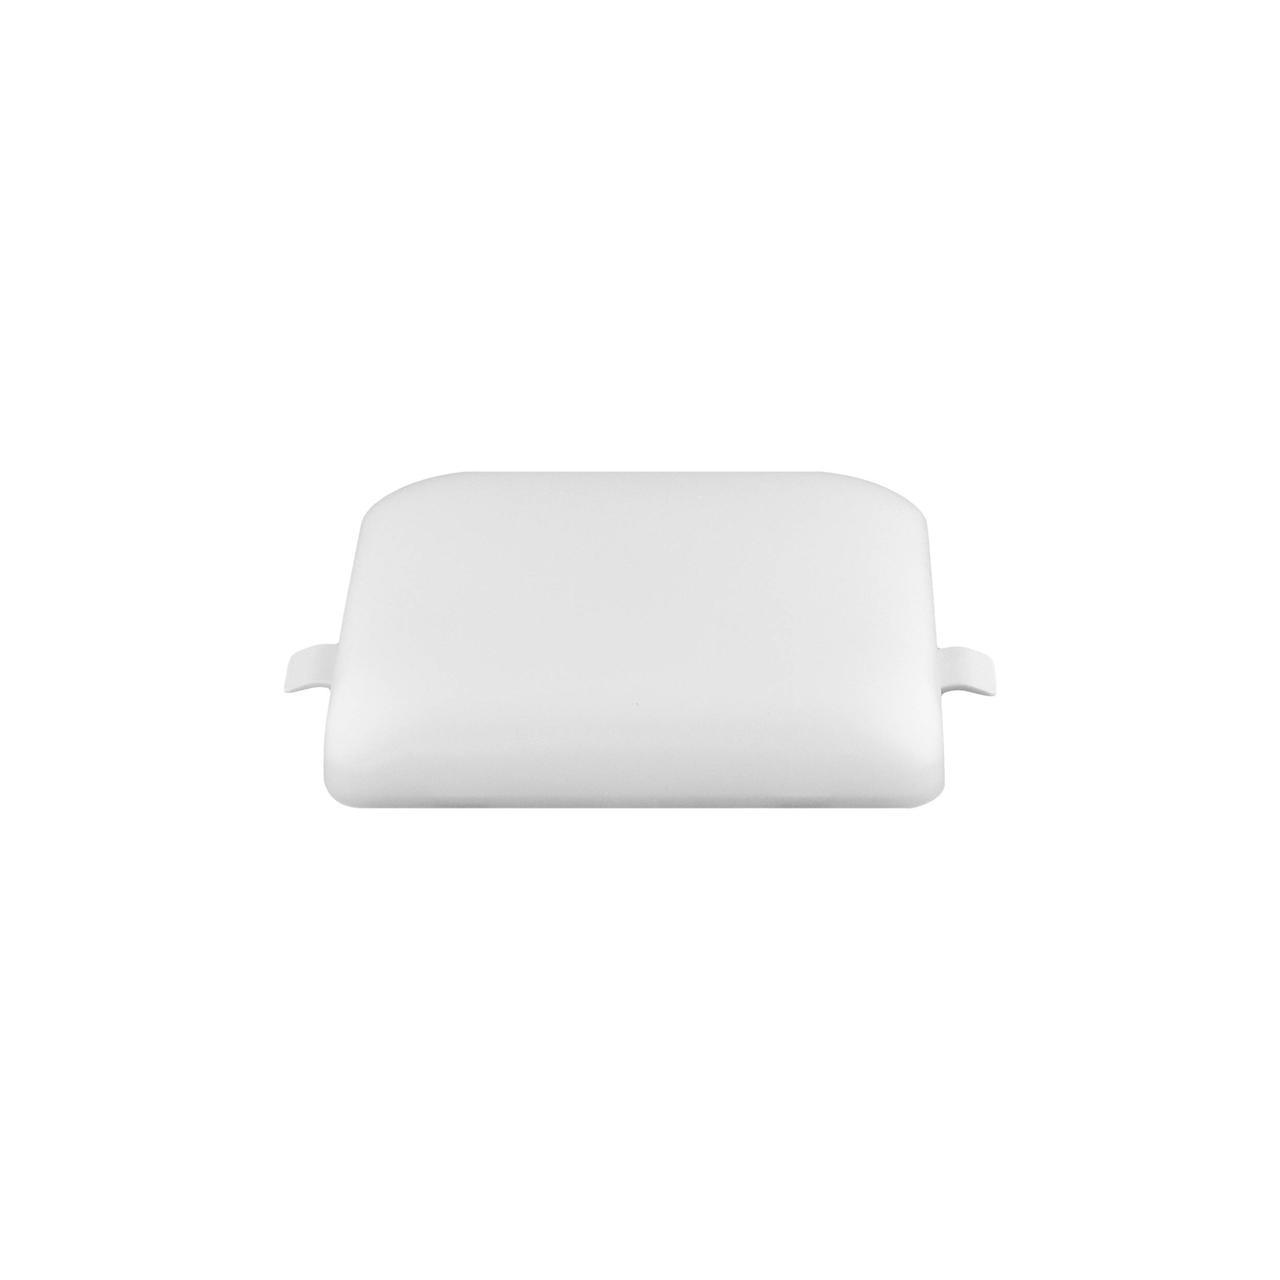 Led светильник накладной таблетка квадрат белый PC0018-32Q SQ 18W 6000K